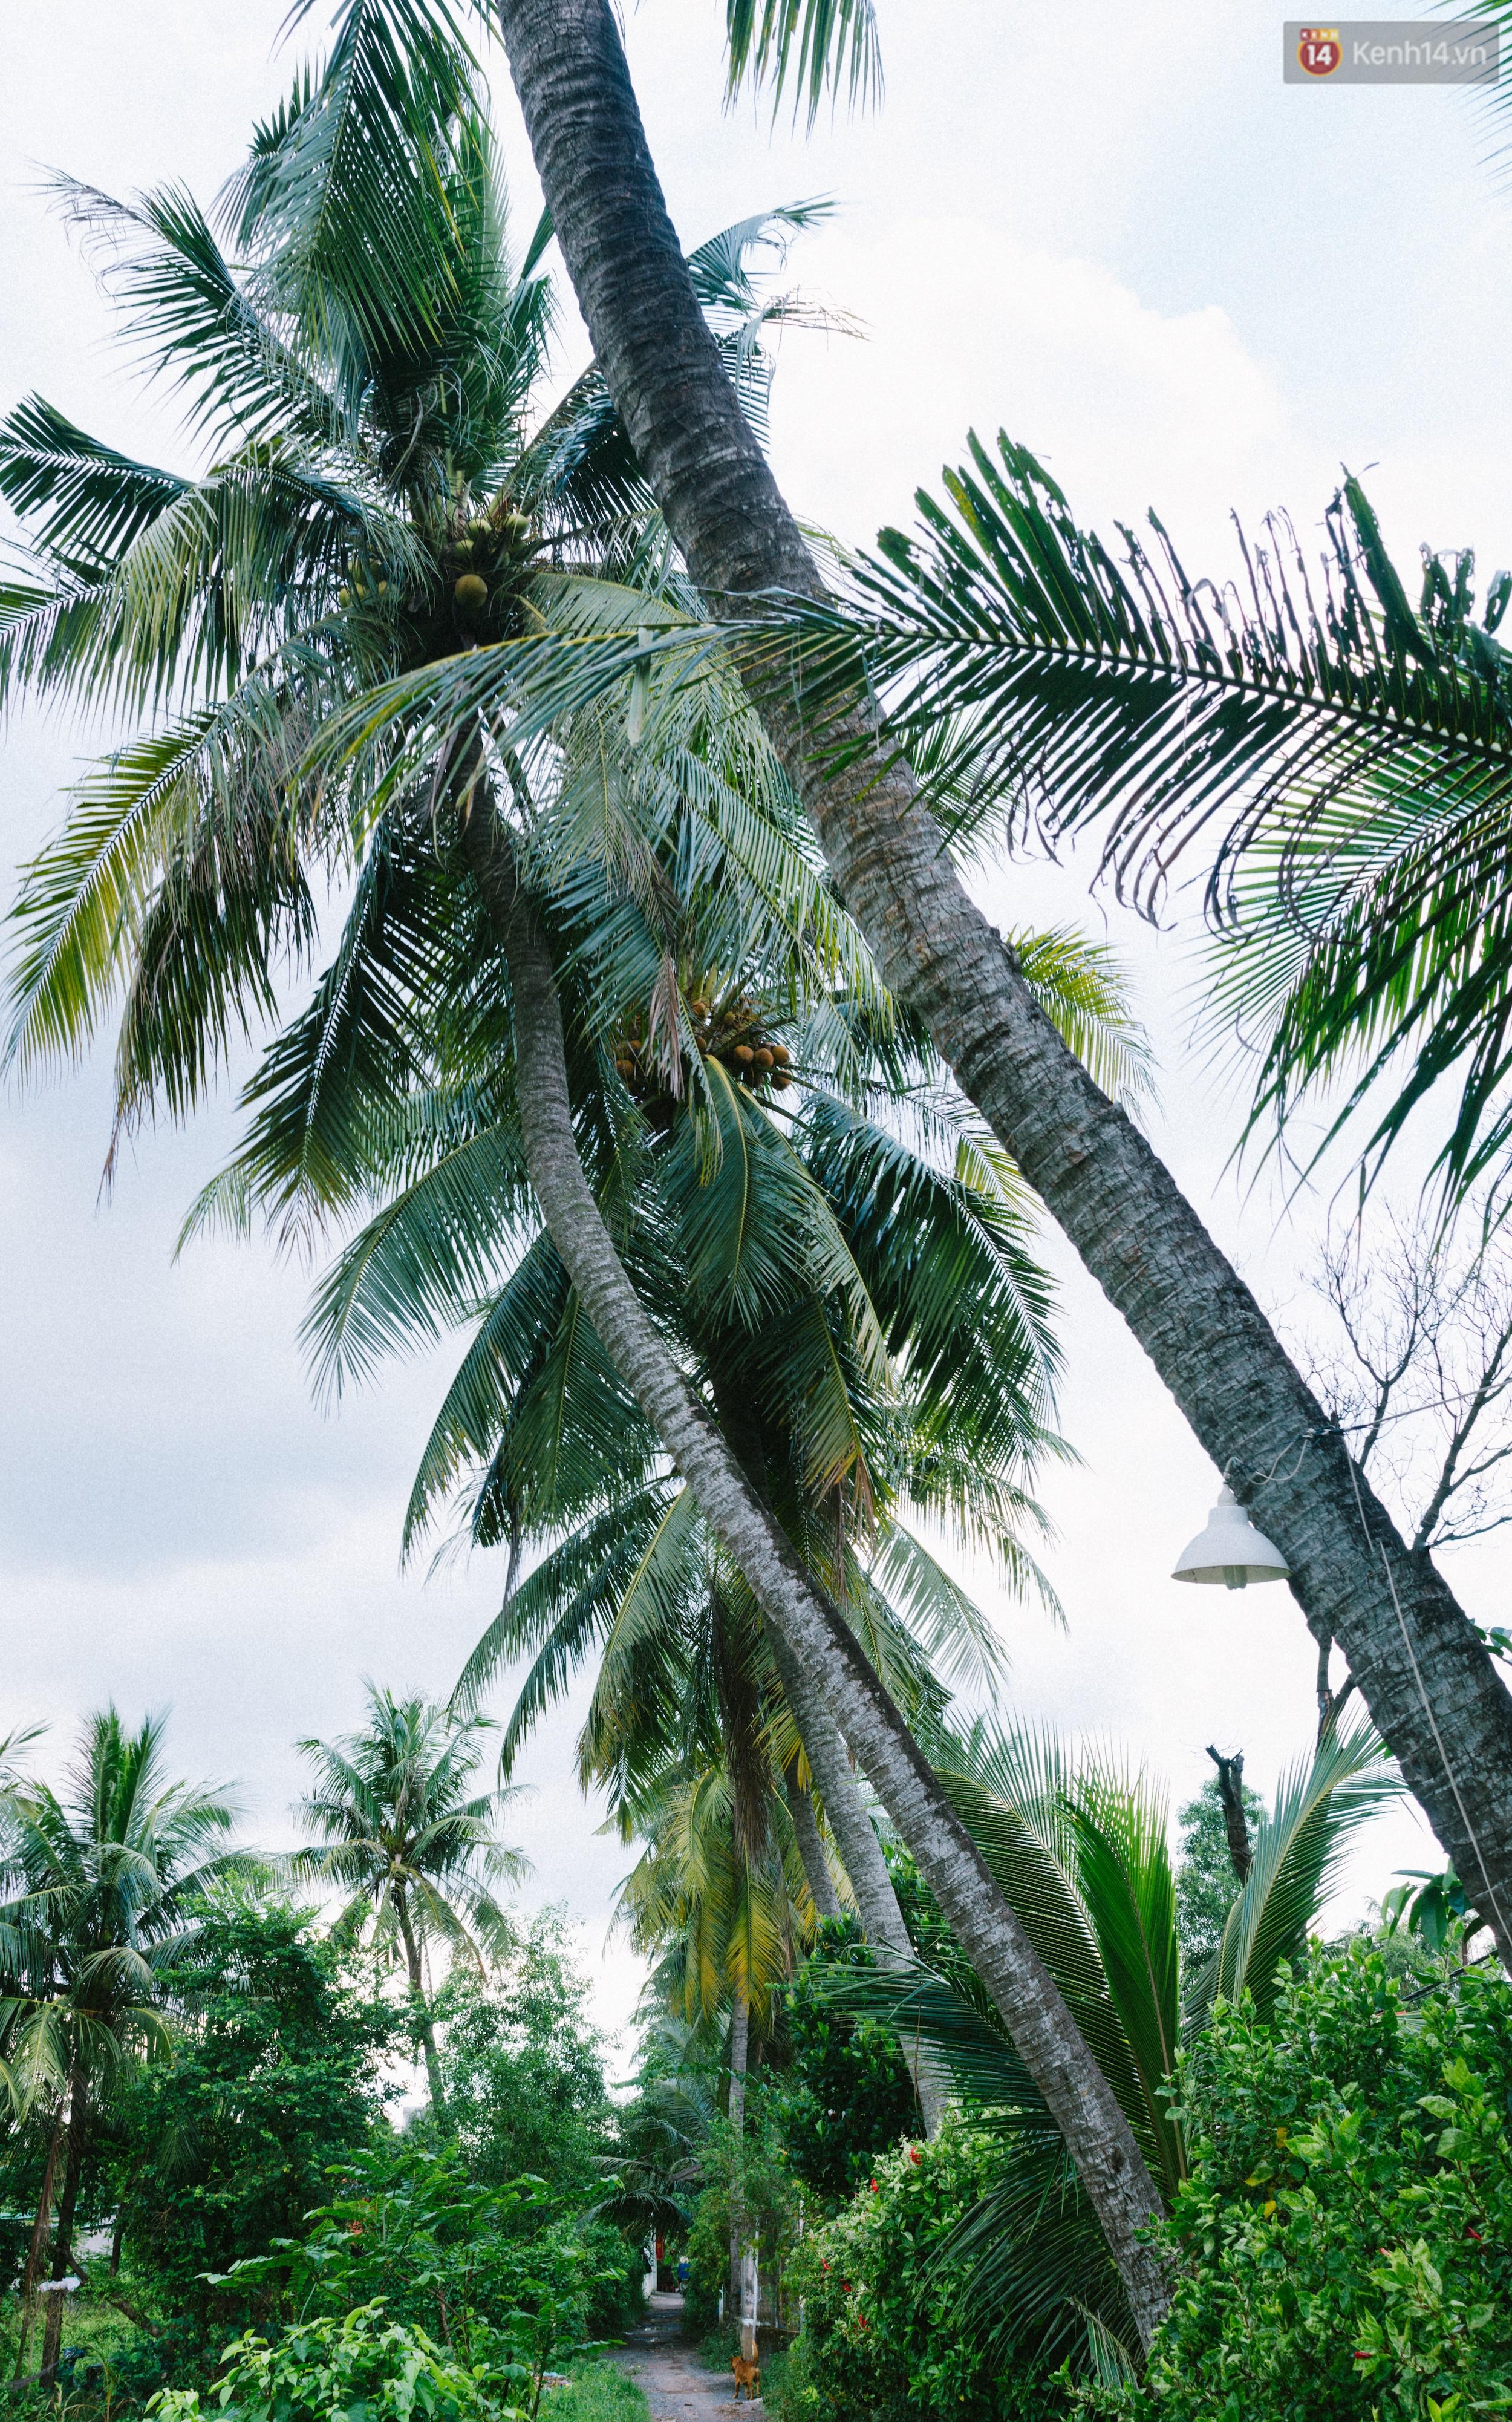 Chùm ảnh: Cuộc sống ở bán đảo Thanh Đa - Một miền nông thôn tách biệt dù chỉ cách trung tâm Sài Gòn vài km - Ảnh 14.